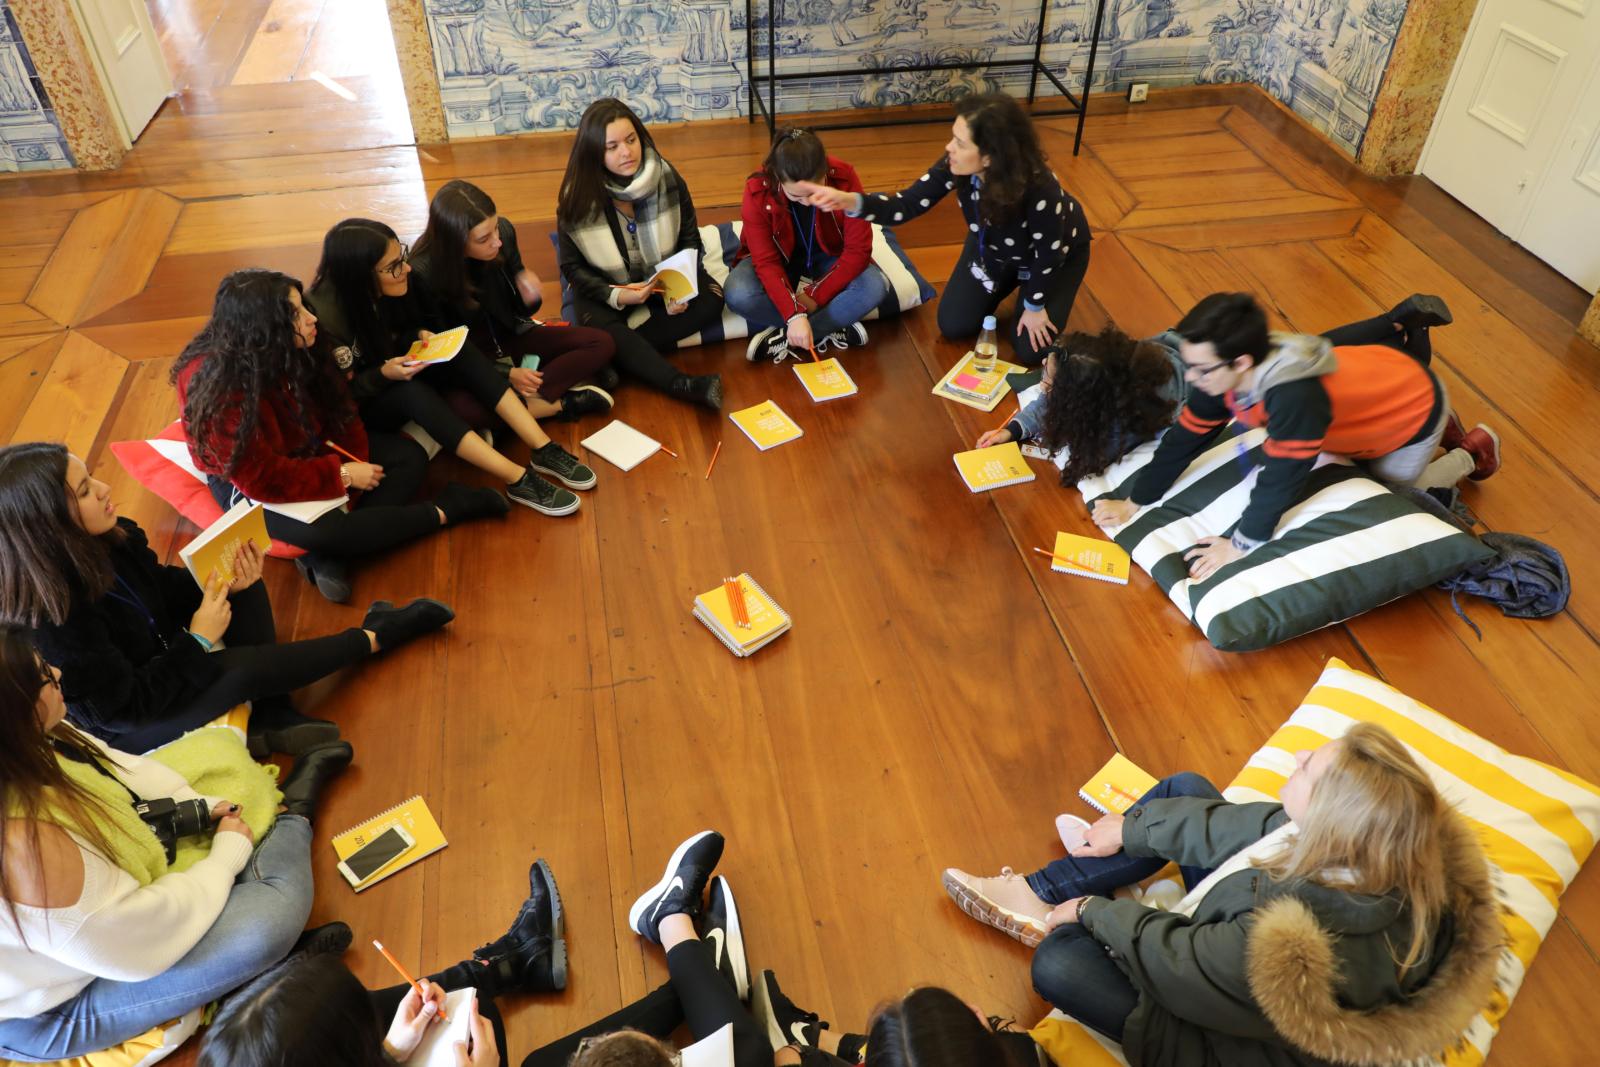 Crianças sentadas em circulo no chão, com as mediadoras a realizar uma atividade